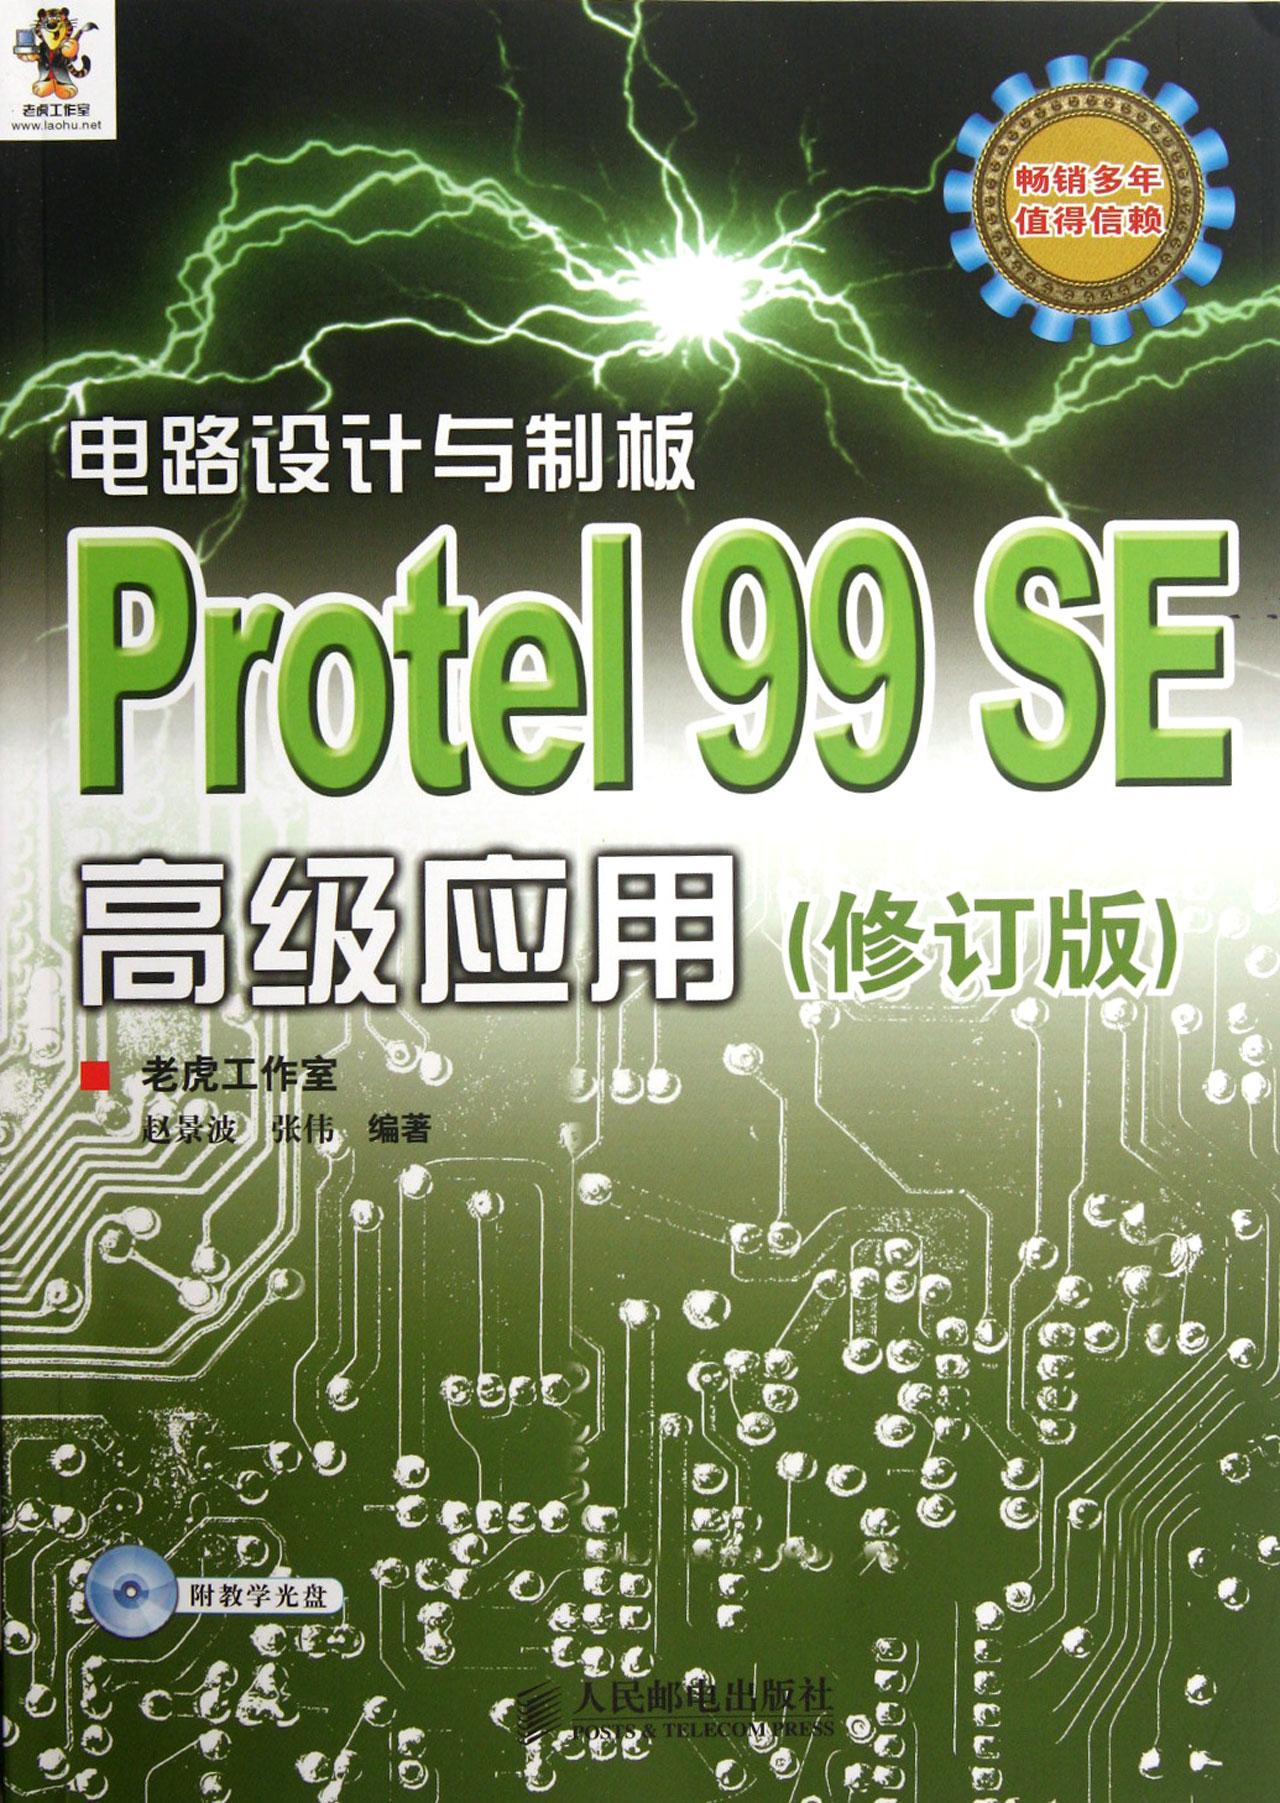 电路设计与制板(附光盘protel99se高级应用修订版)